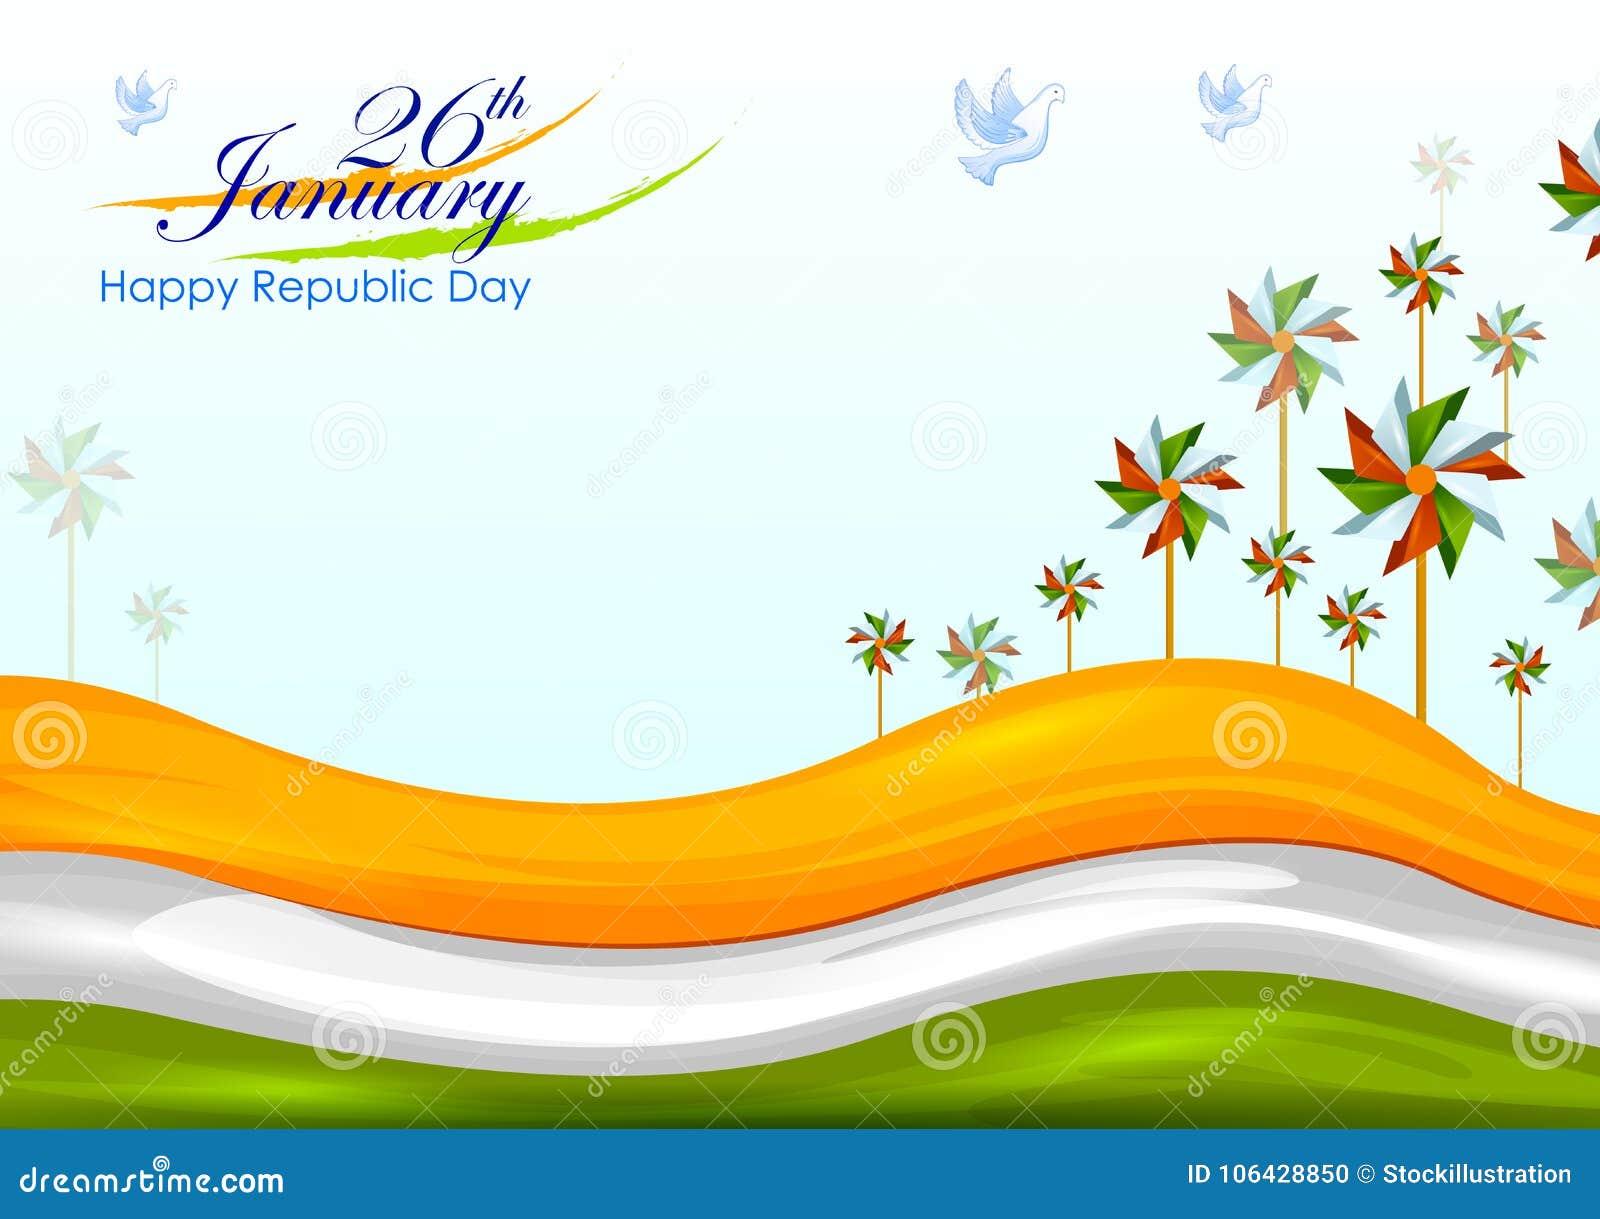 26th Januari, lycklig republikdag av Indien